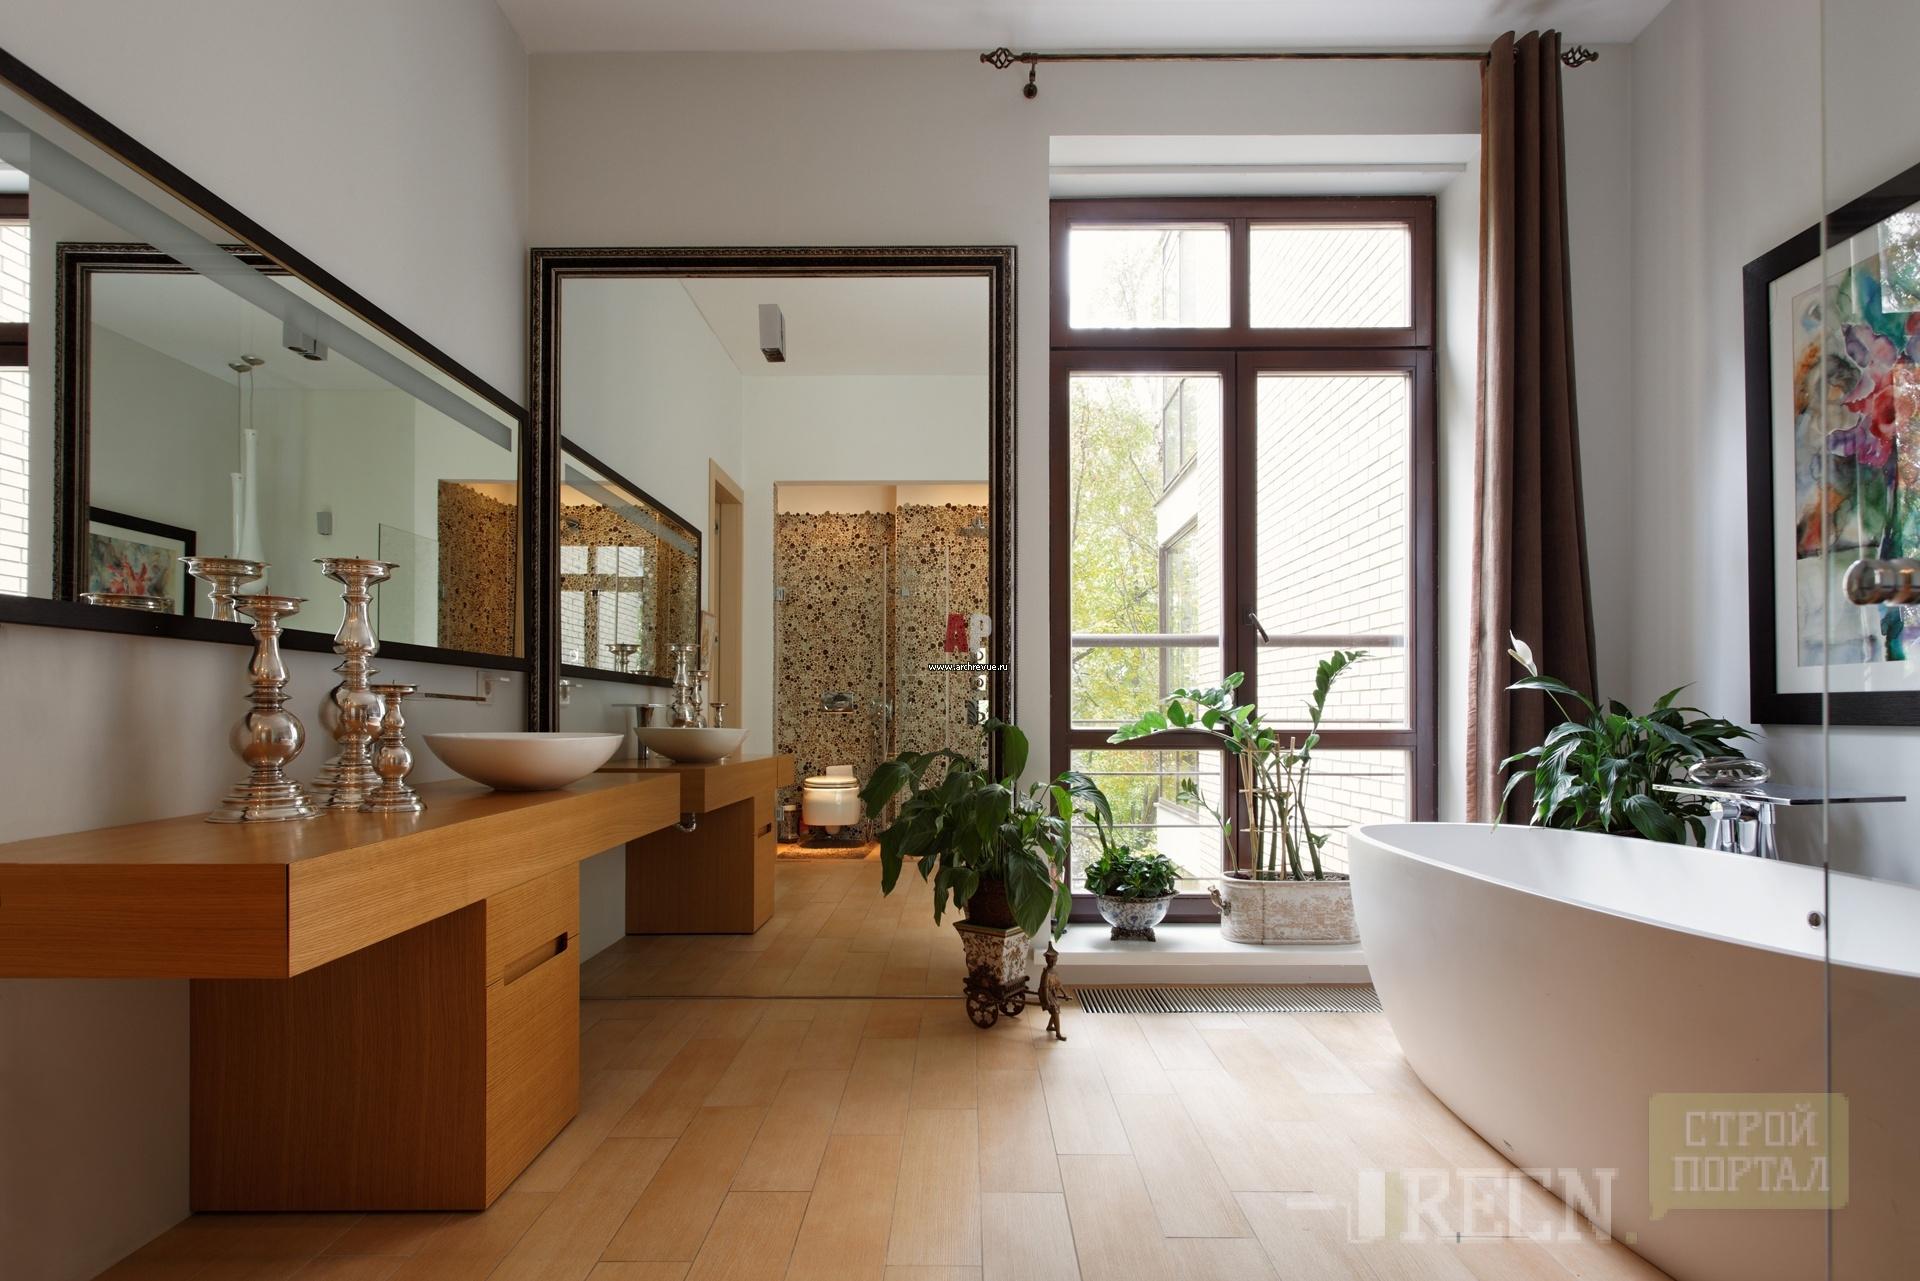 Французское окно на кухне фото